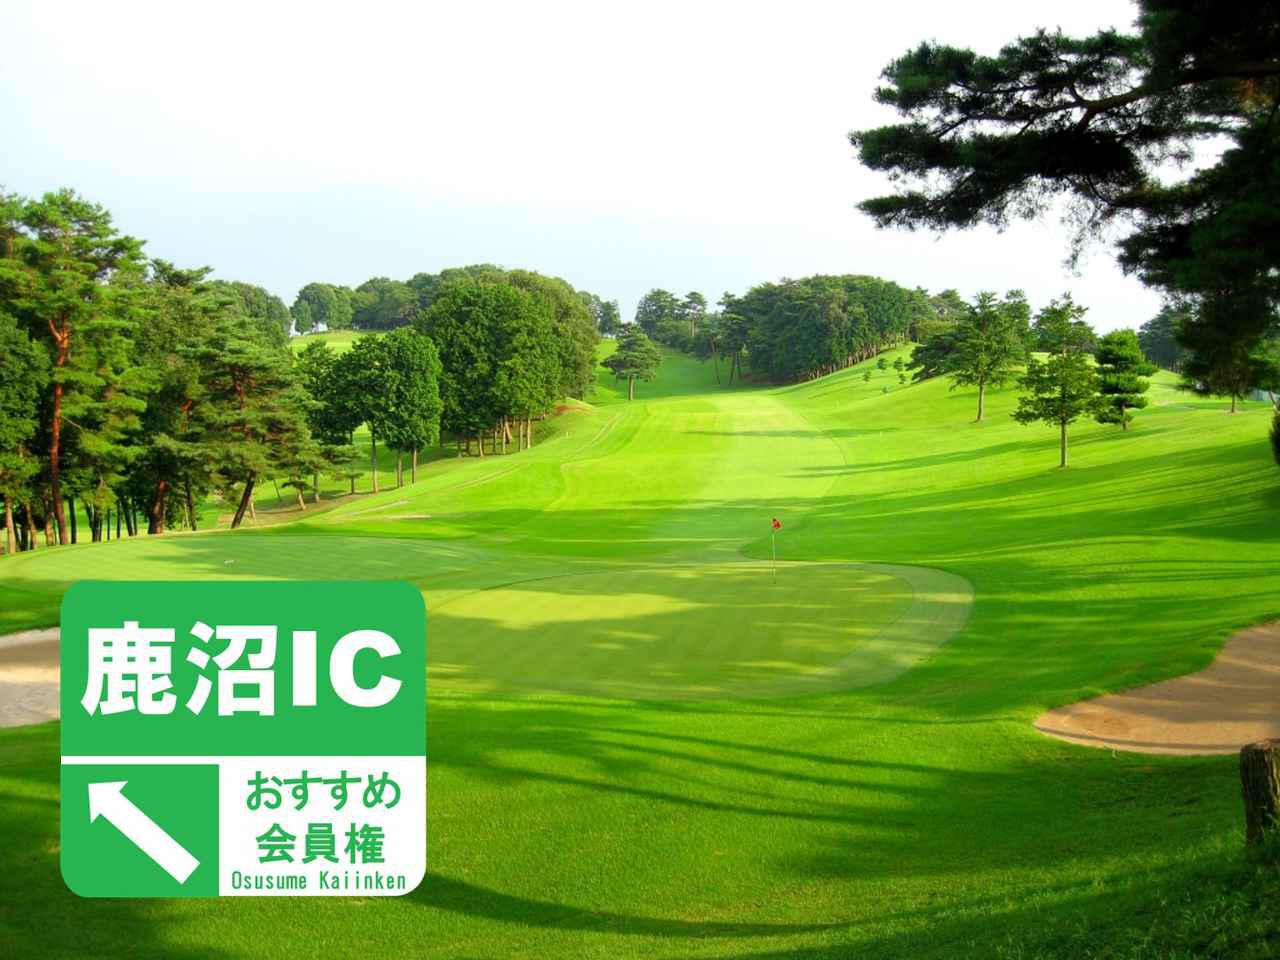 画像: 東北道鹿沼ICから近いおすすめゴルフ場/ゴルフダイジェスト社